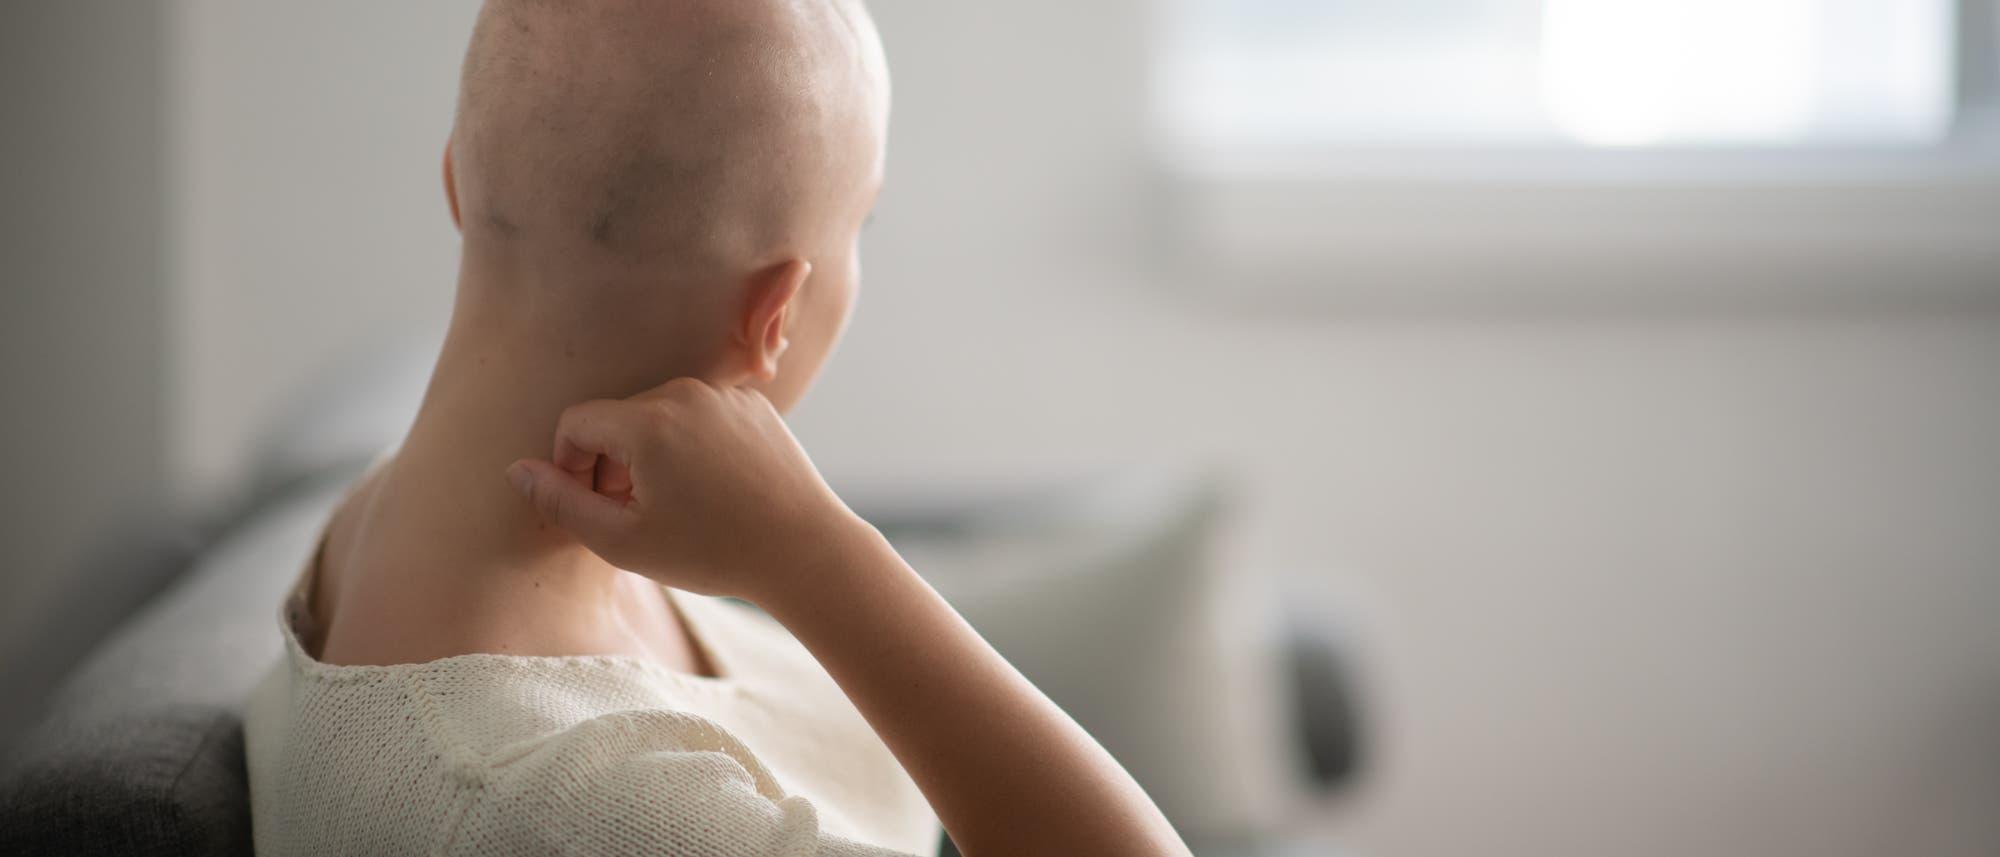 Junge Frau mit kahl rasiertem Kopf